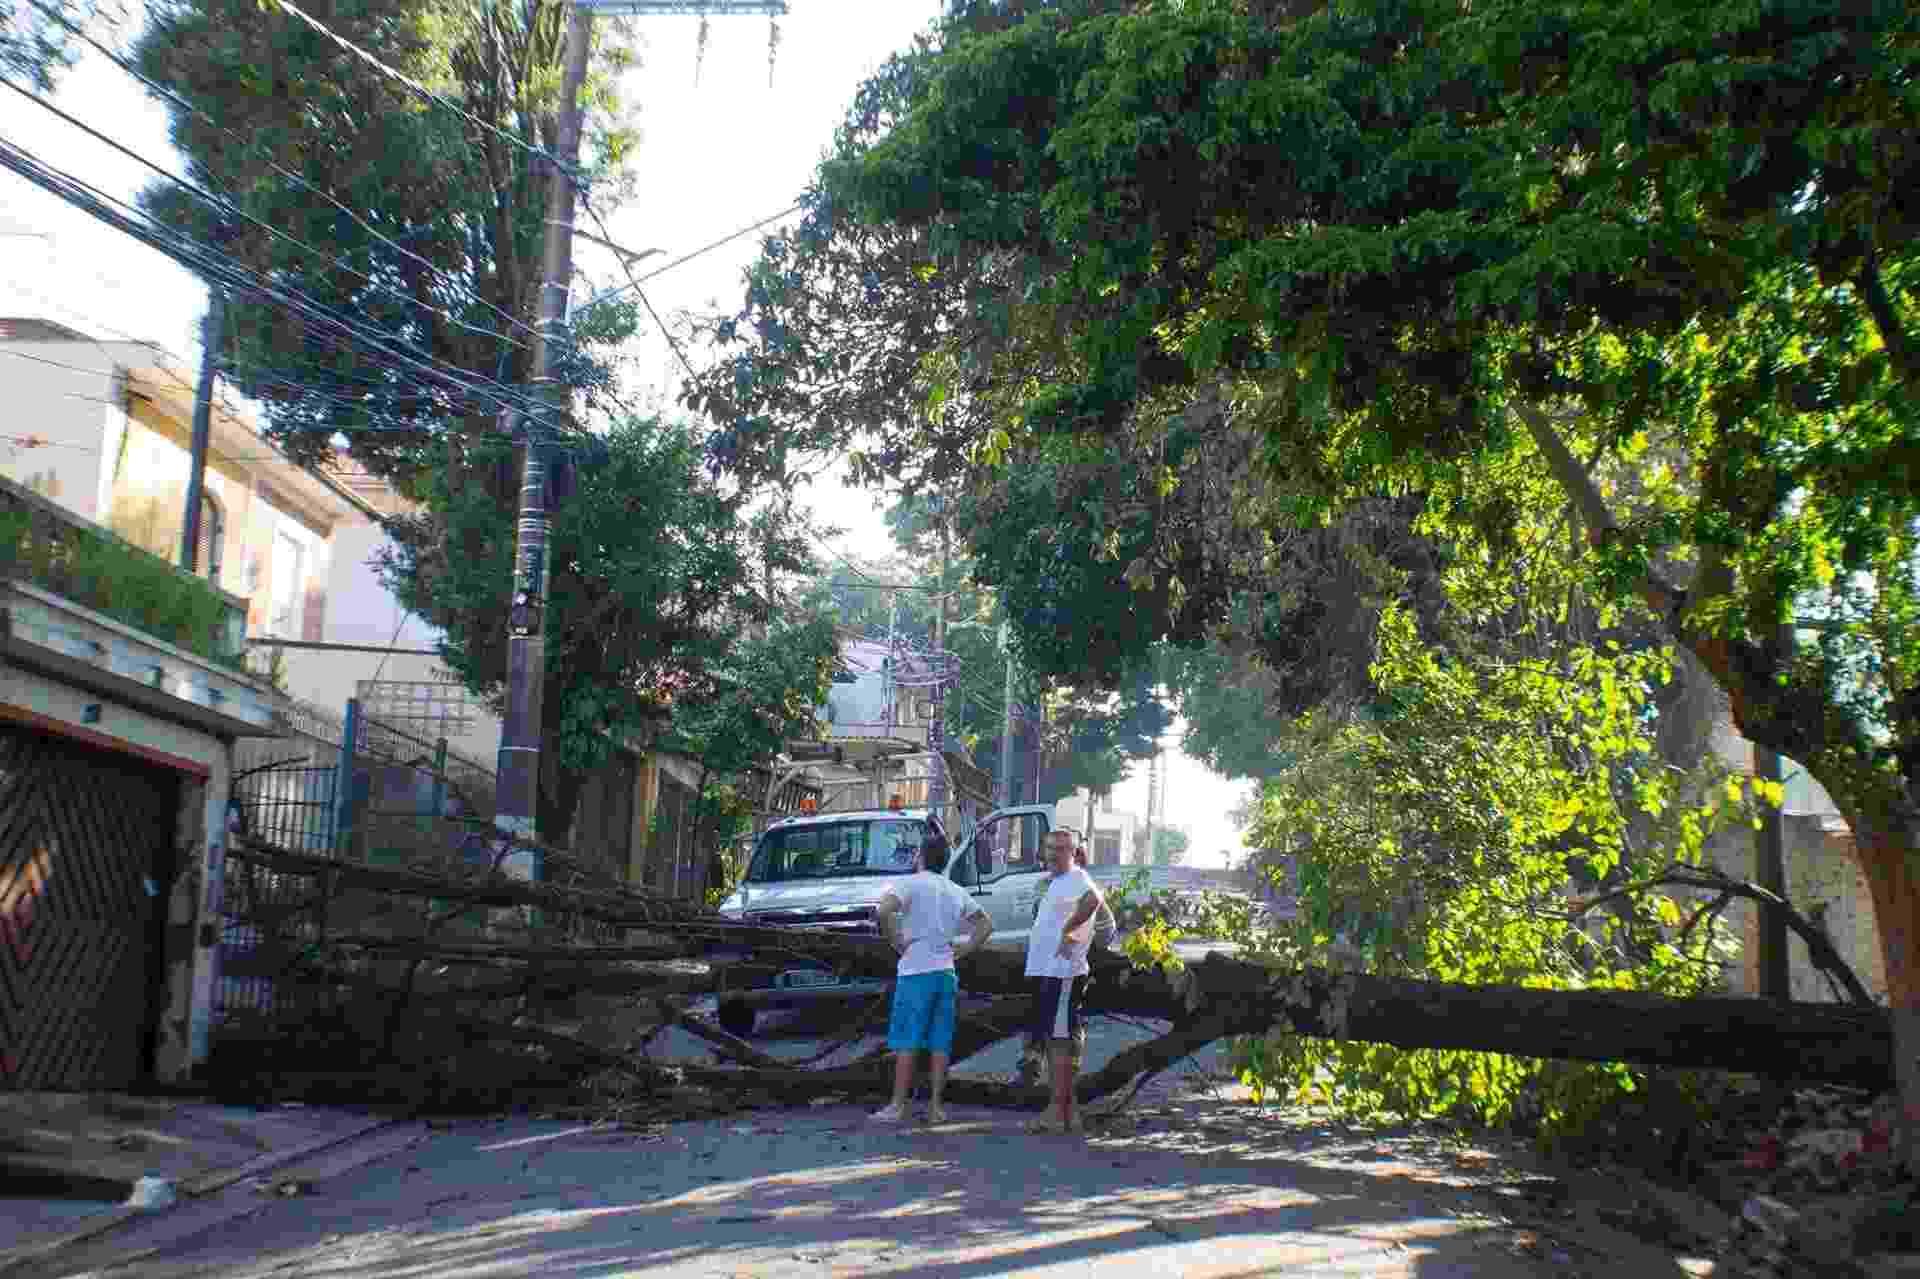 9.jan.2015 - Queda de árvore atinge uma casa na rua deputado João Bravo Caldeira, no bairro do Planalto Paulista, na zona sul de São Paulo. Os moradores estão 16h sem energia elétrica - Marcelo Gonçalves/Sigmapress/Estadão Conteúdo